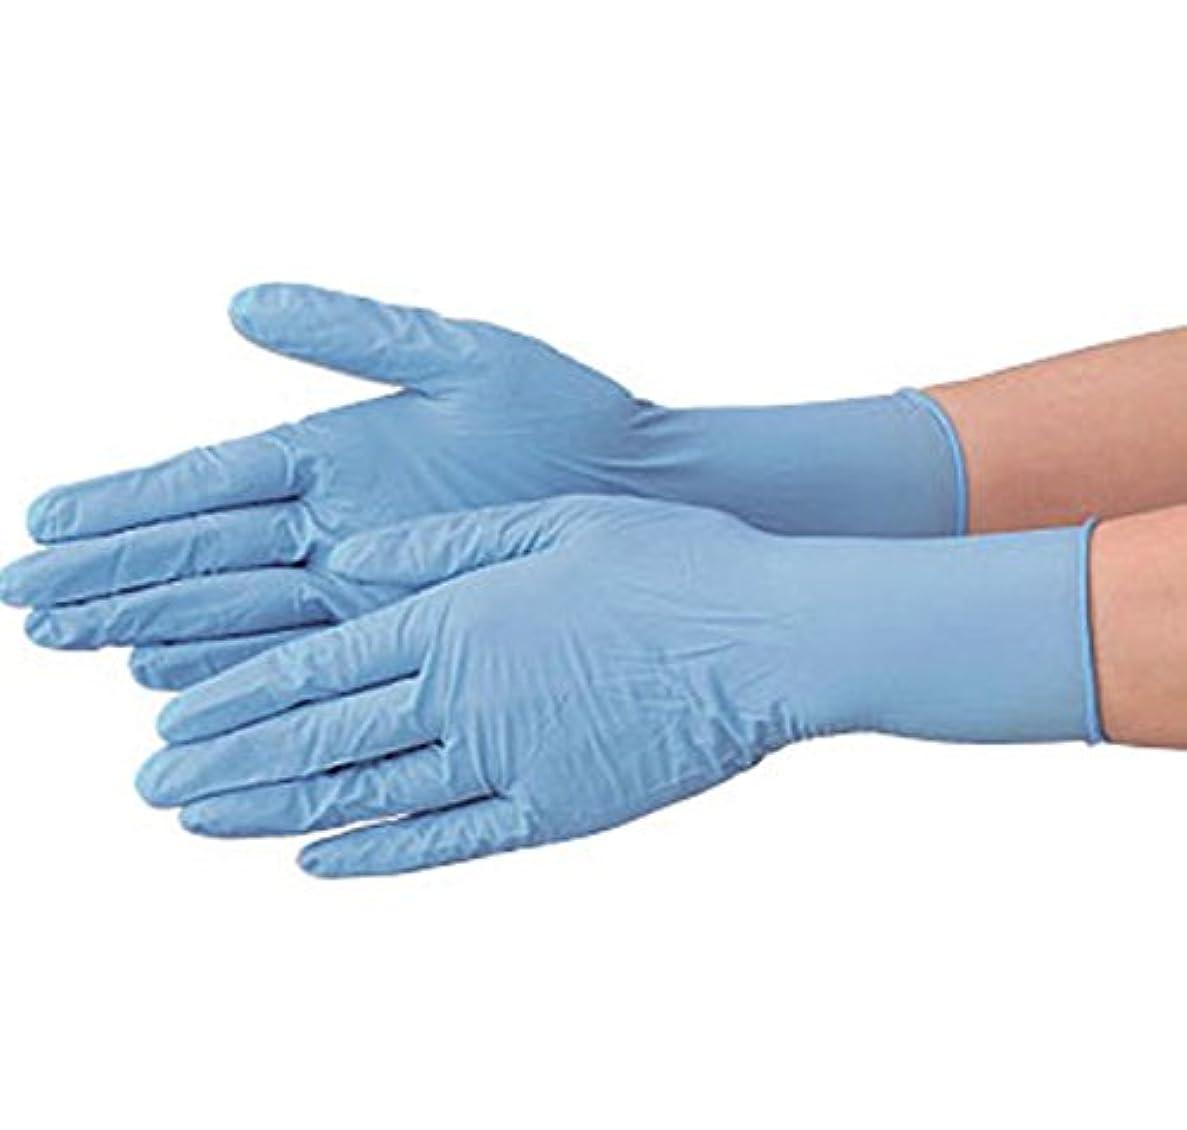 ためにシビック発掘使い捨て 手袋 エブノ 520 ニトリル 極薄手袋 パウダーフリー ブルー Sサイズ 2ケース(100枚×40箱)